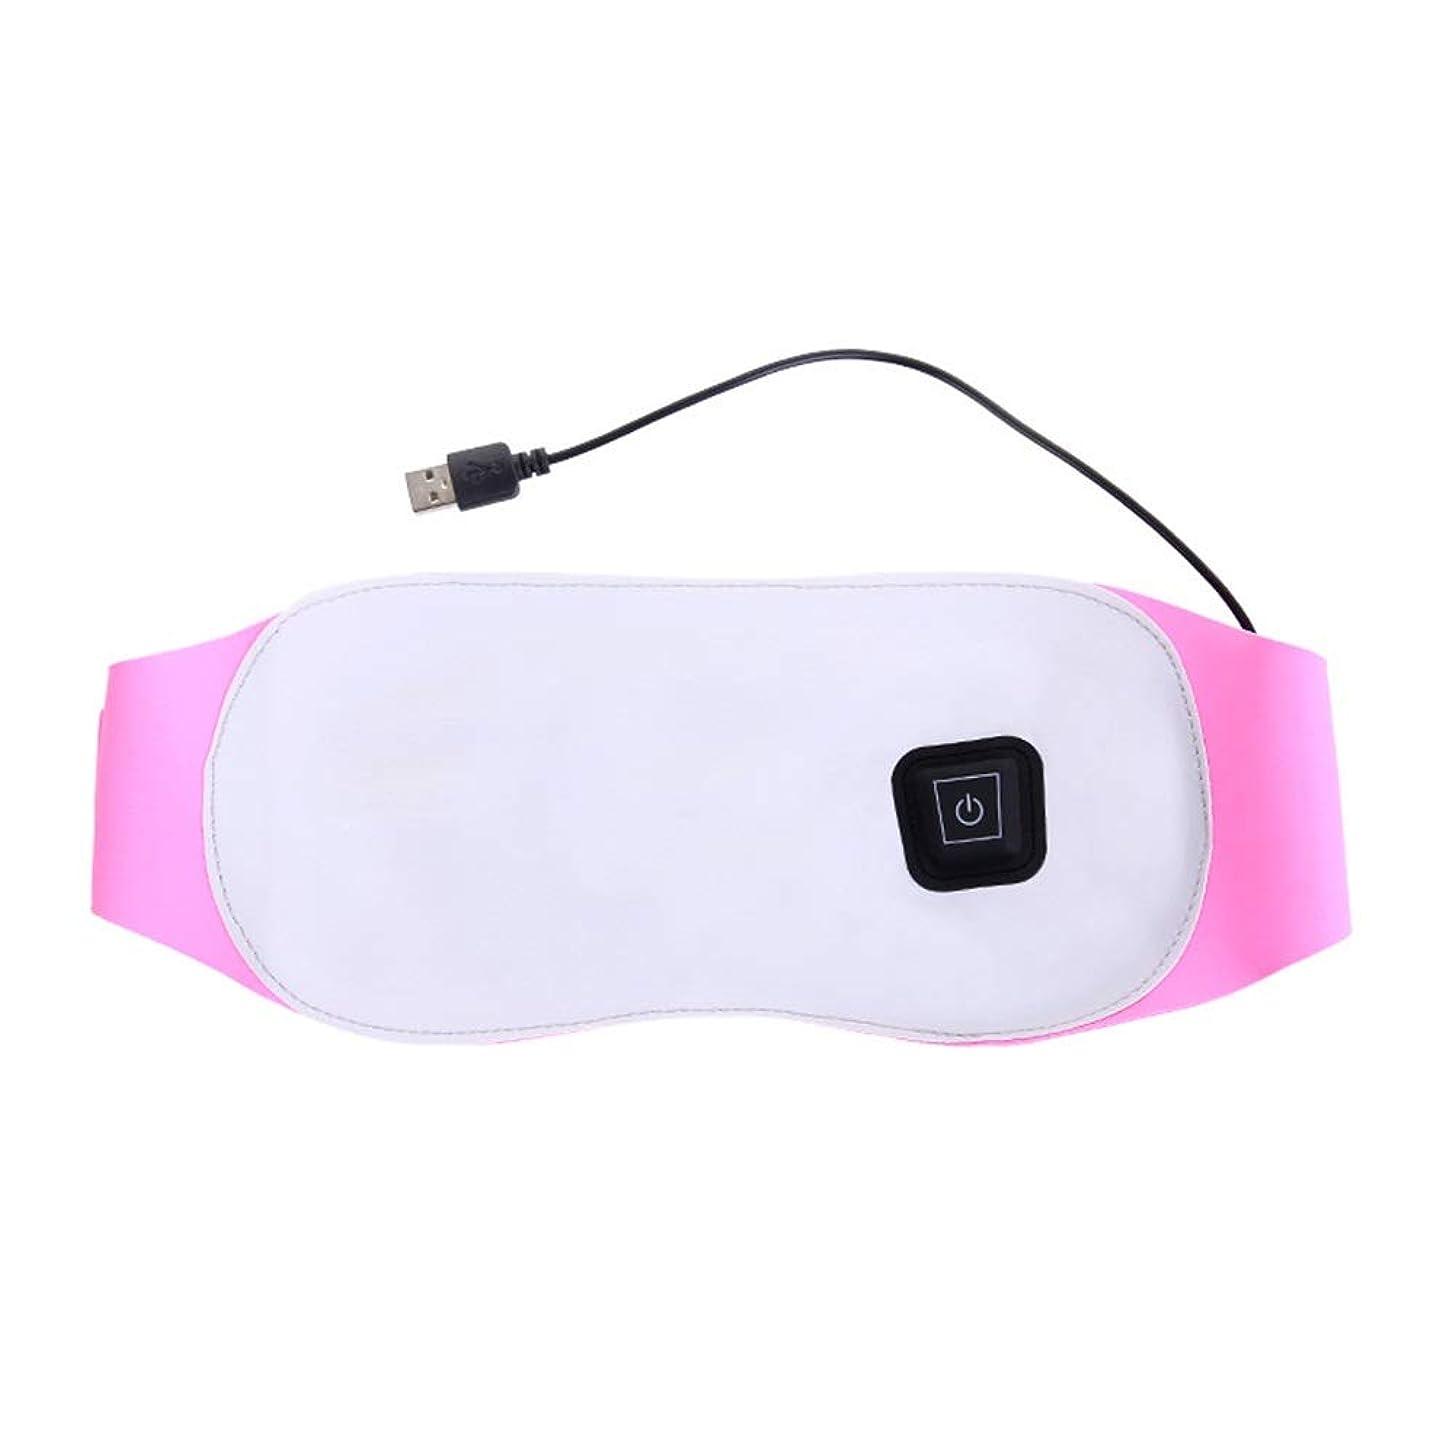 餌名誉あるオンス3ギア温度や振動振動マッサージピンクウエストベルトを温める月経痛腰胃の痛みを軽減するためのポータブル暖房腰パッドマッサージ 腰痛保護バンド (色 : ピンク, サイズ : Free size)